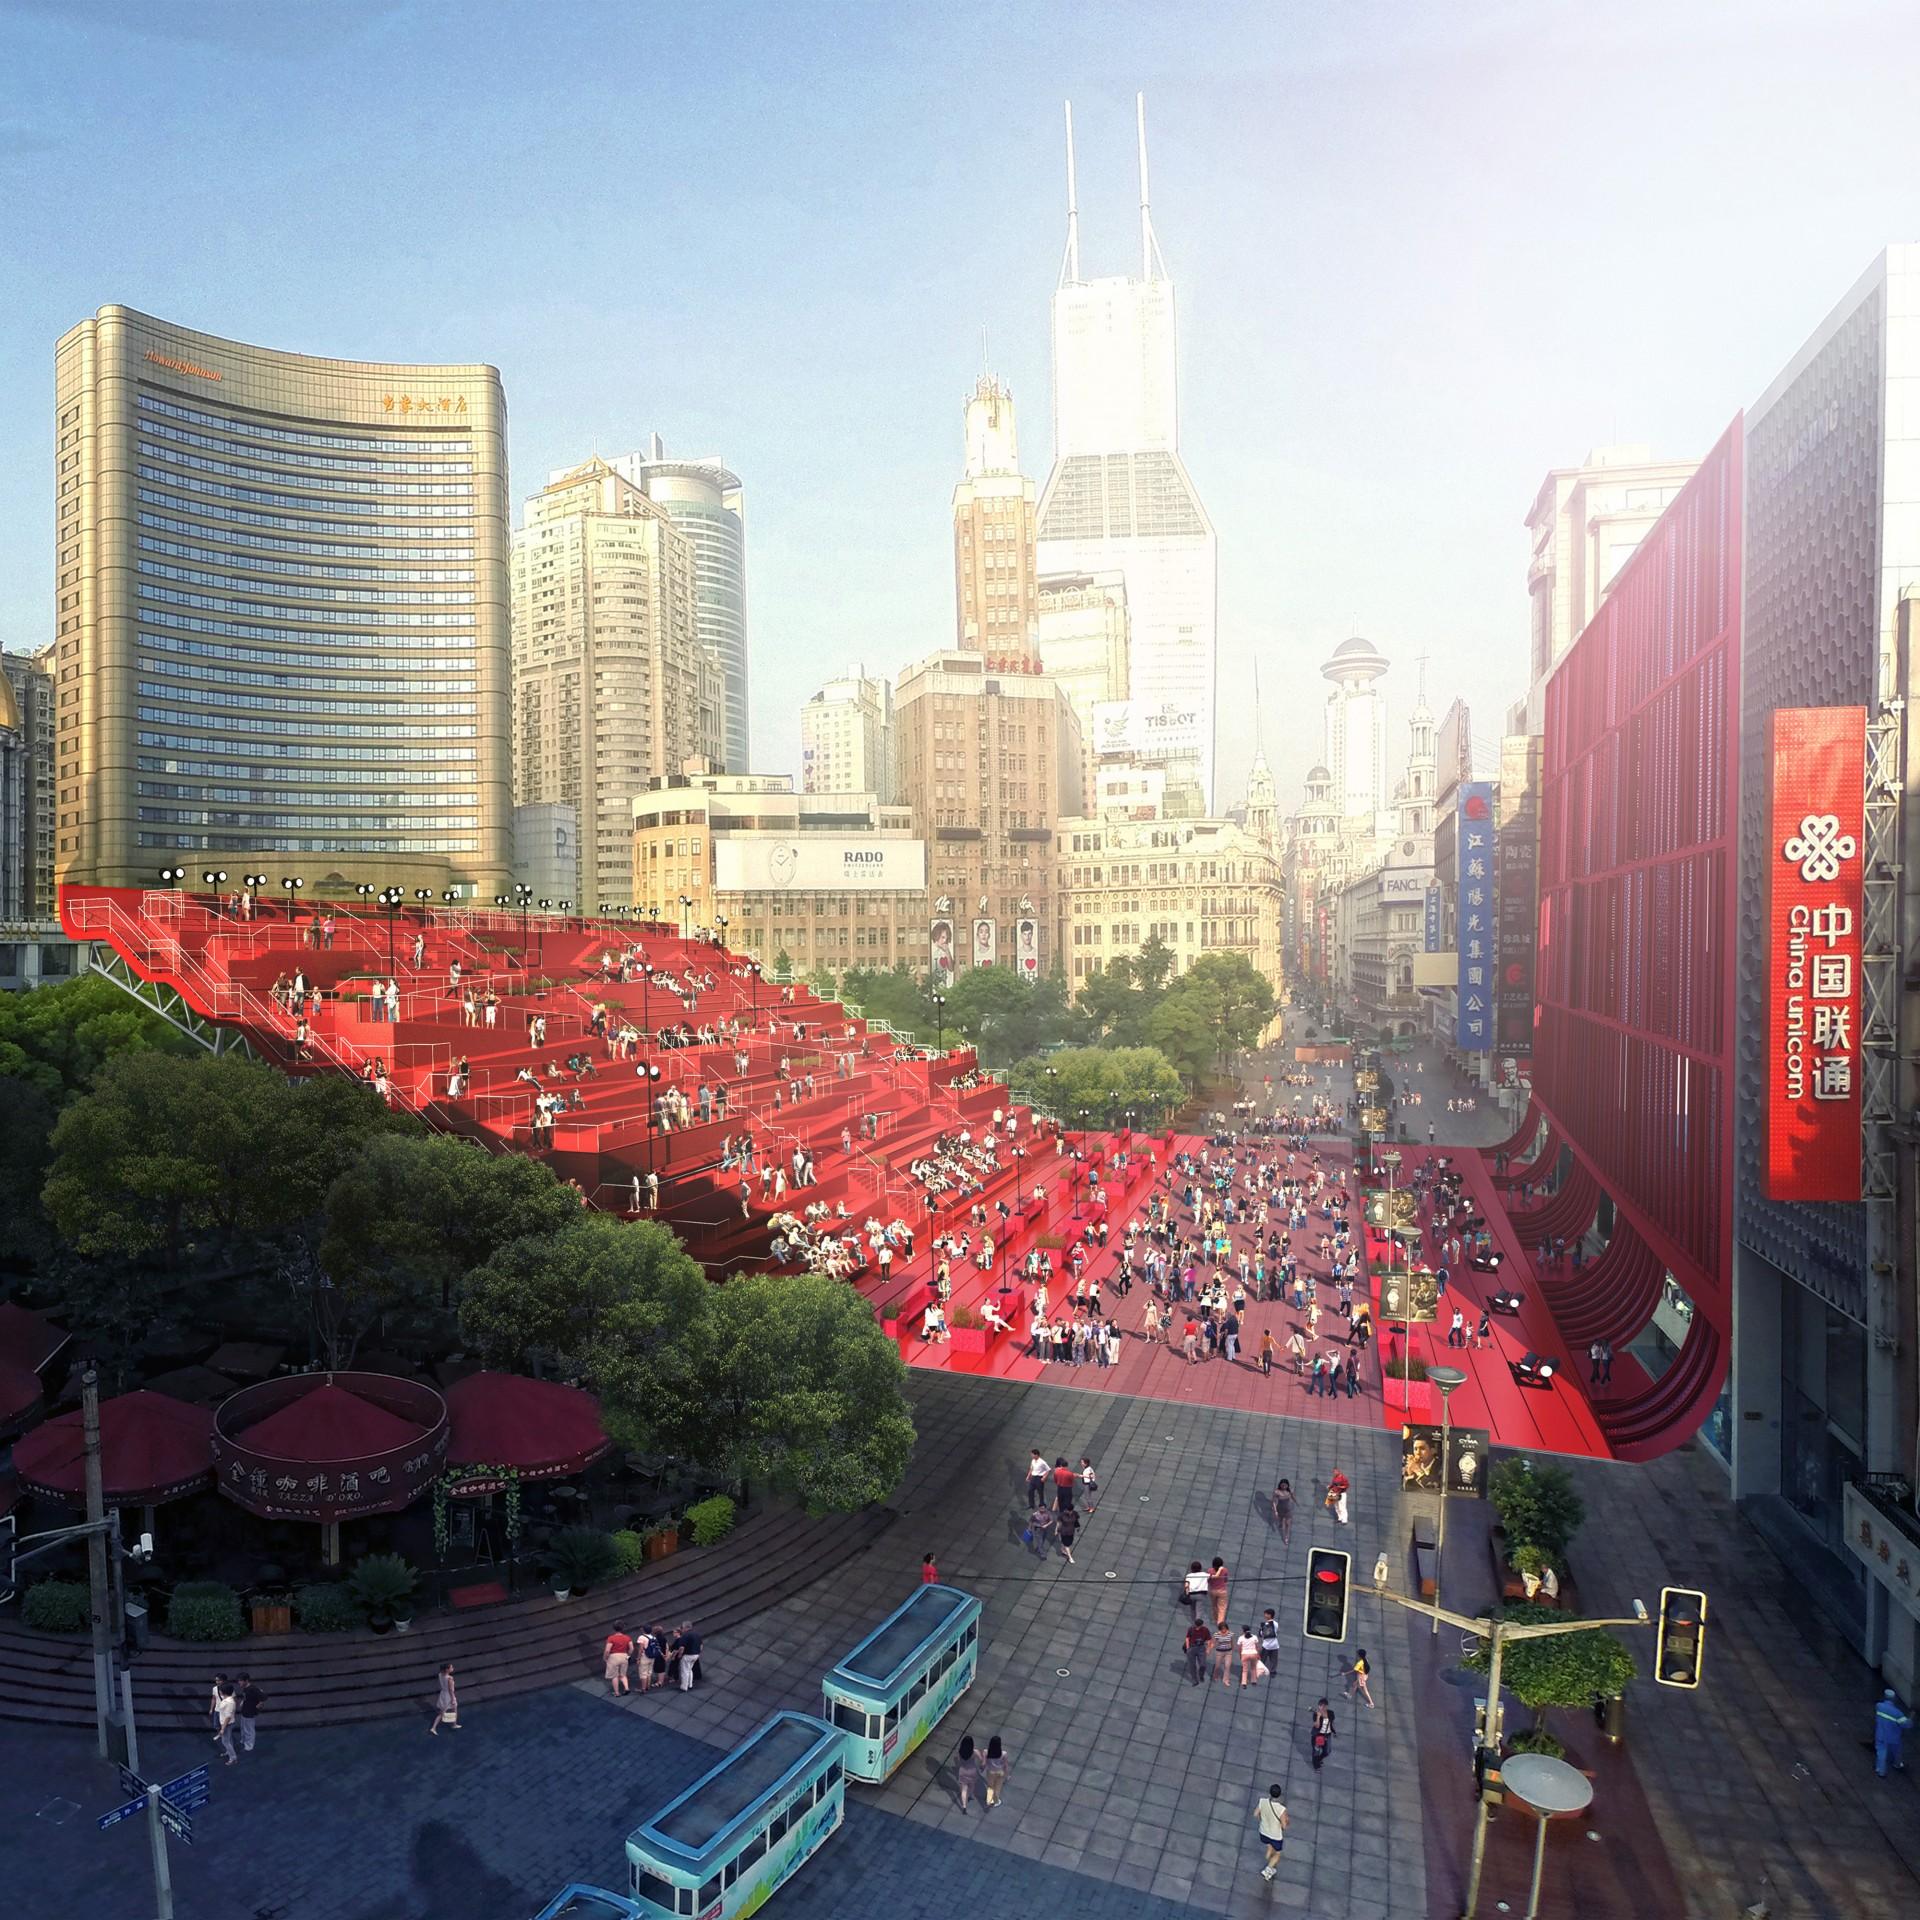 """Amfiteatr """"Czerwony dywan"""", źródło: http://100architects.com"""